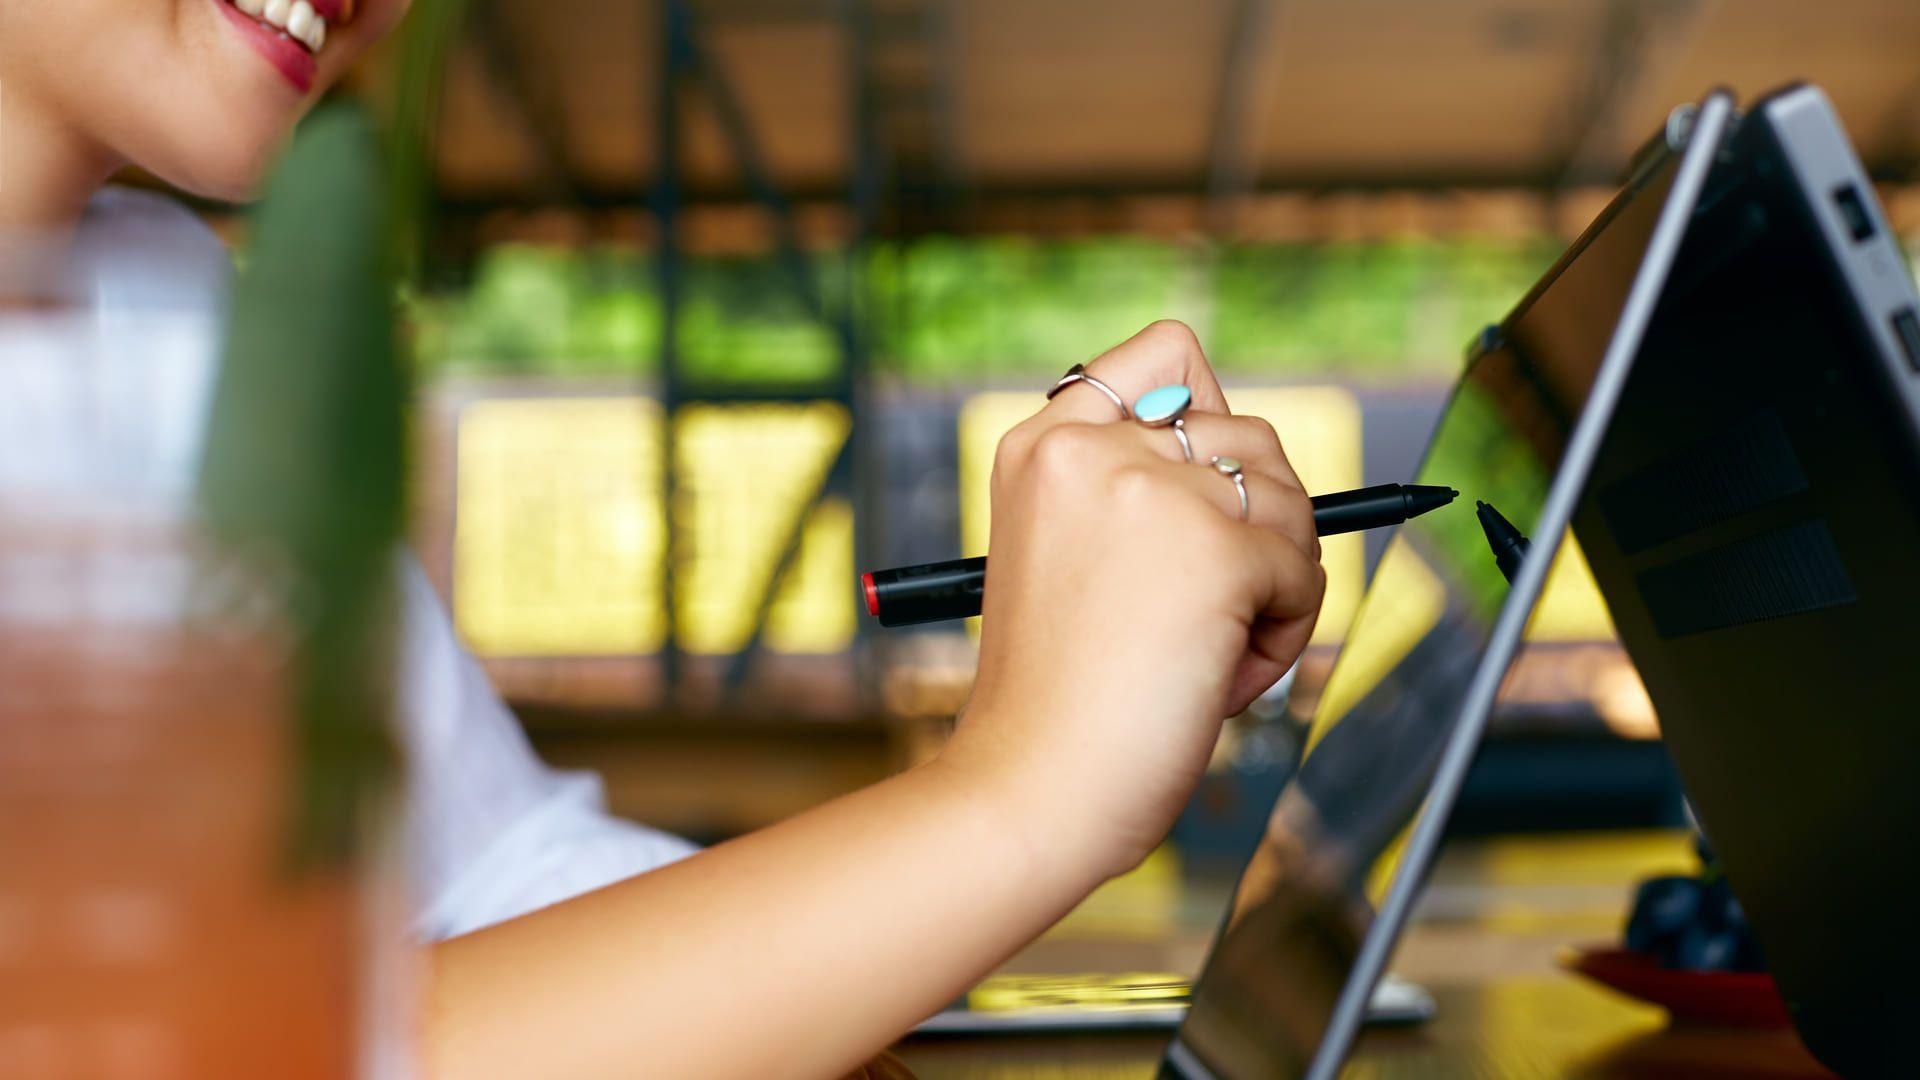 Mulher usando um notebook touchscreen desenhando algo na tela dele com caneta stylus